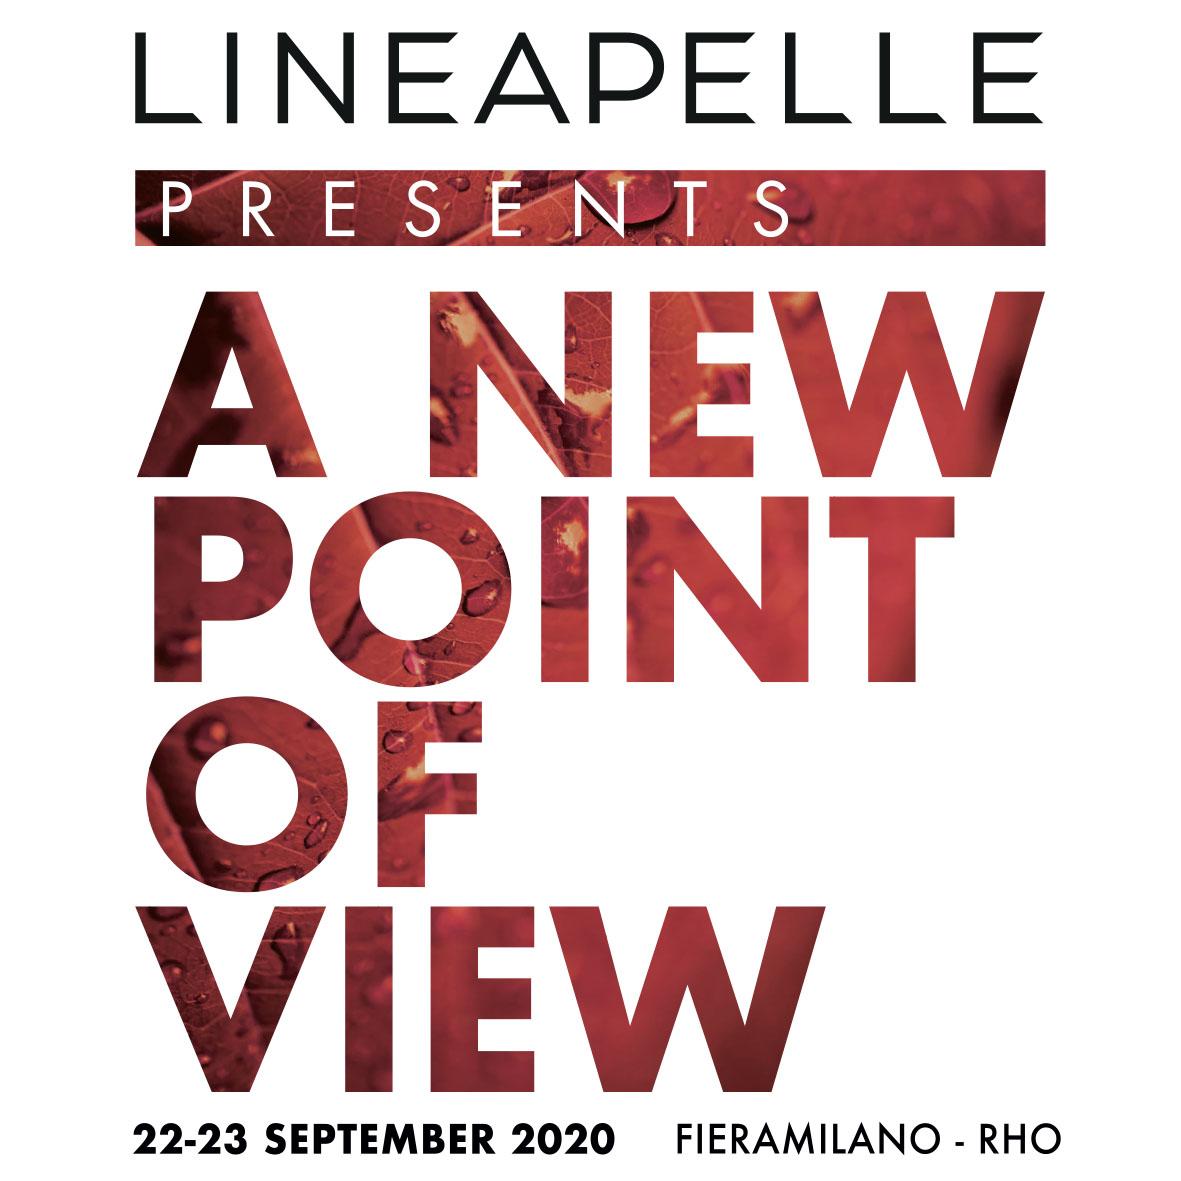 """Lineapelle celebrará """"A new point of view"""" los días 22 y 23 de septiembre"""